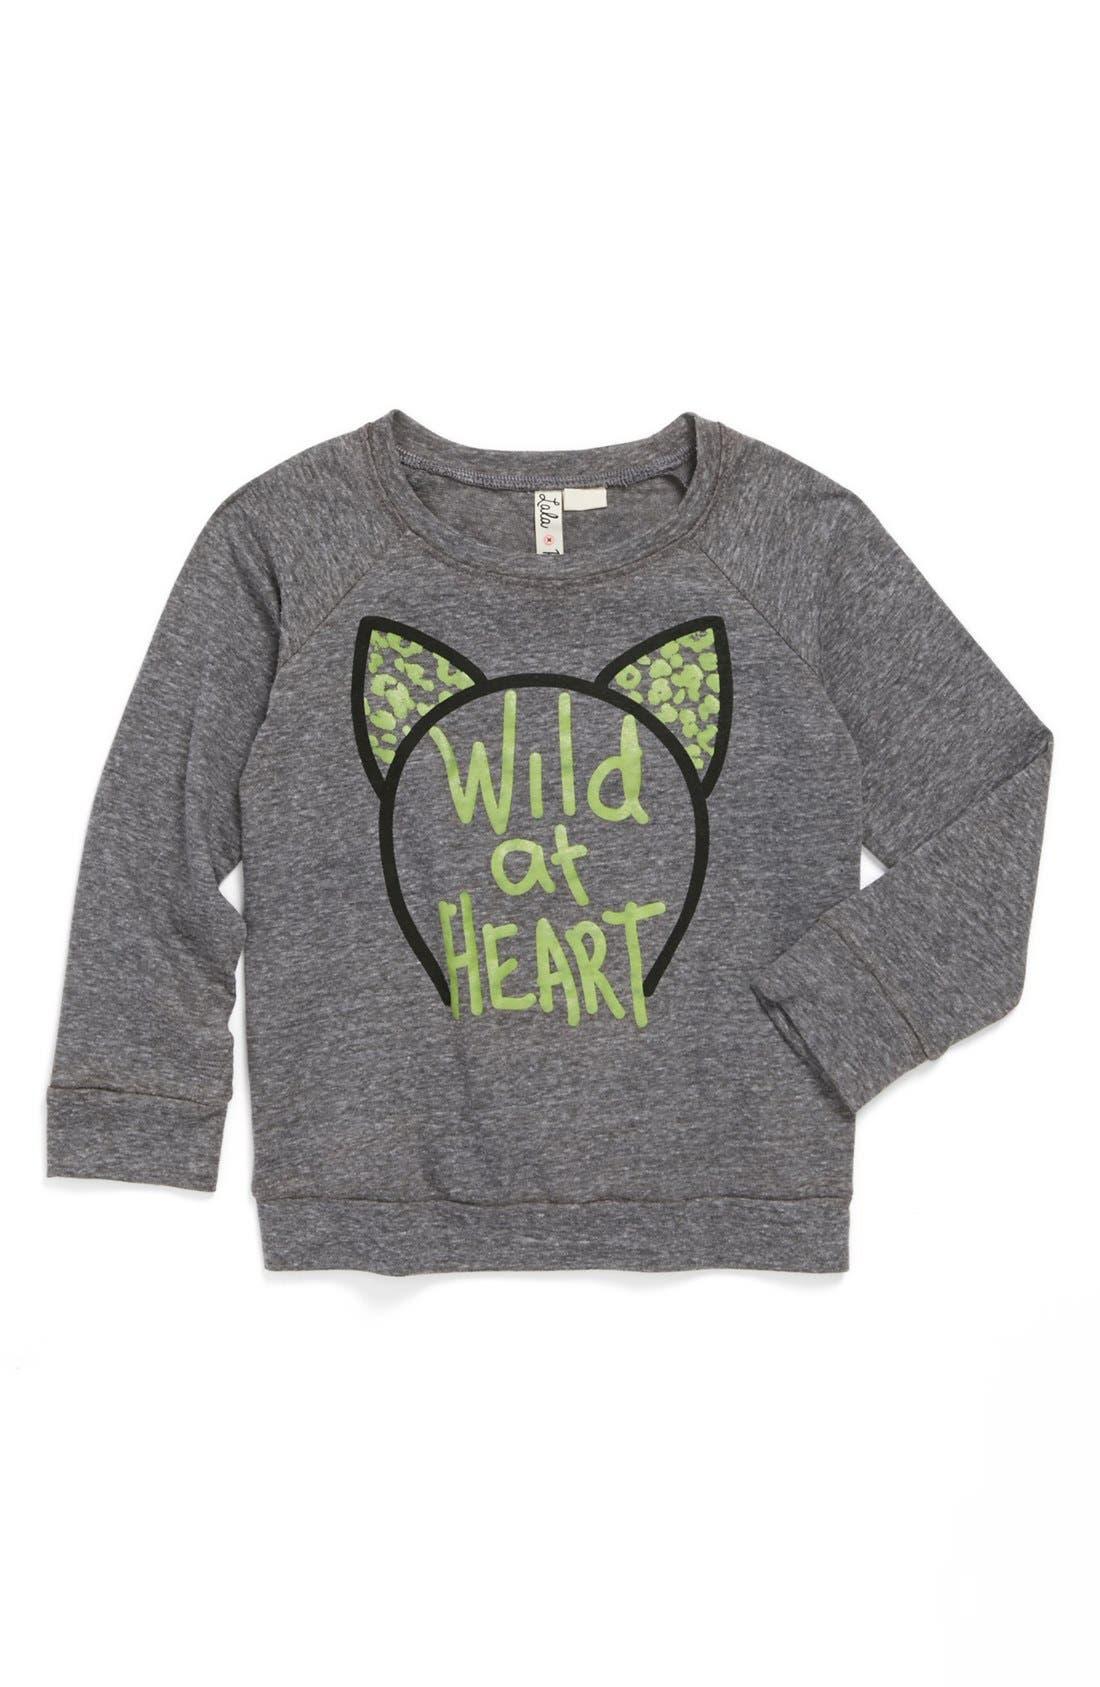 Alternate Image 1 Selected - Lala Rebel 'Wild at Heart' Tee (Toddler Girls)